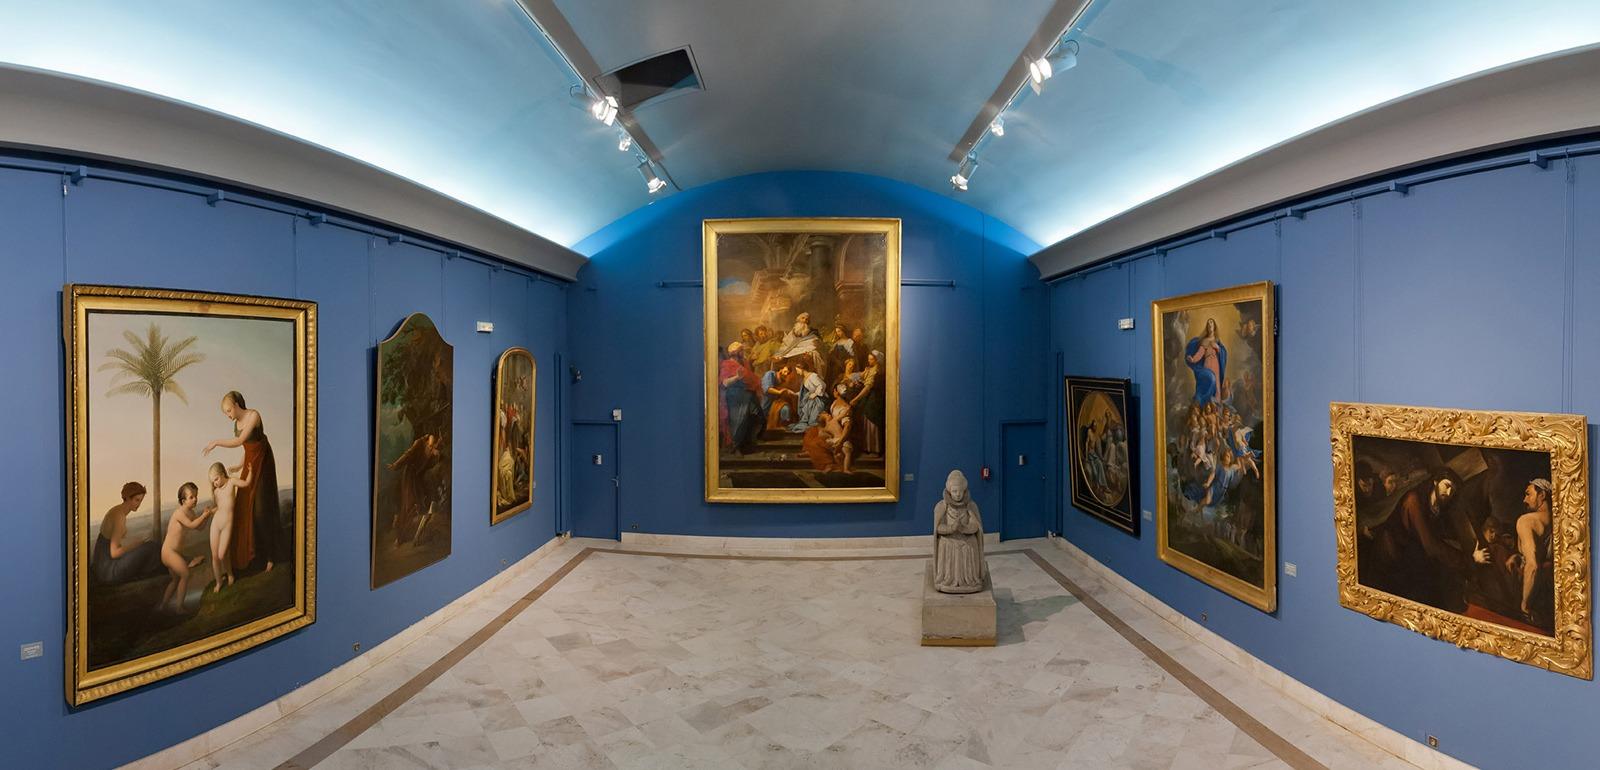 Musée des Beaux Arts Alençon © Olivier-Heron-Ville-Alencon